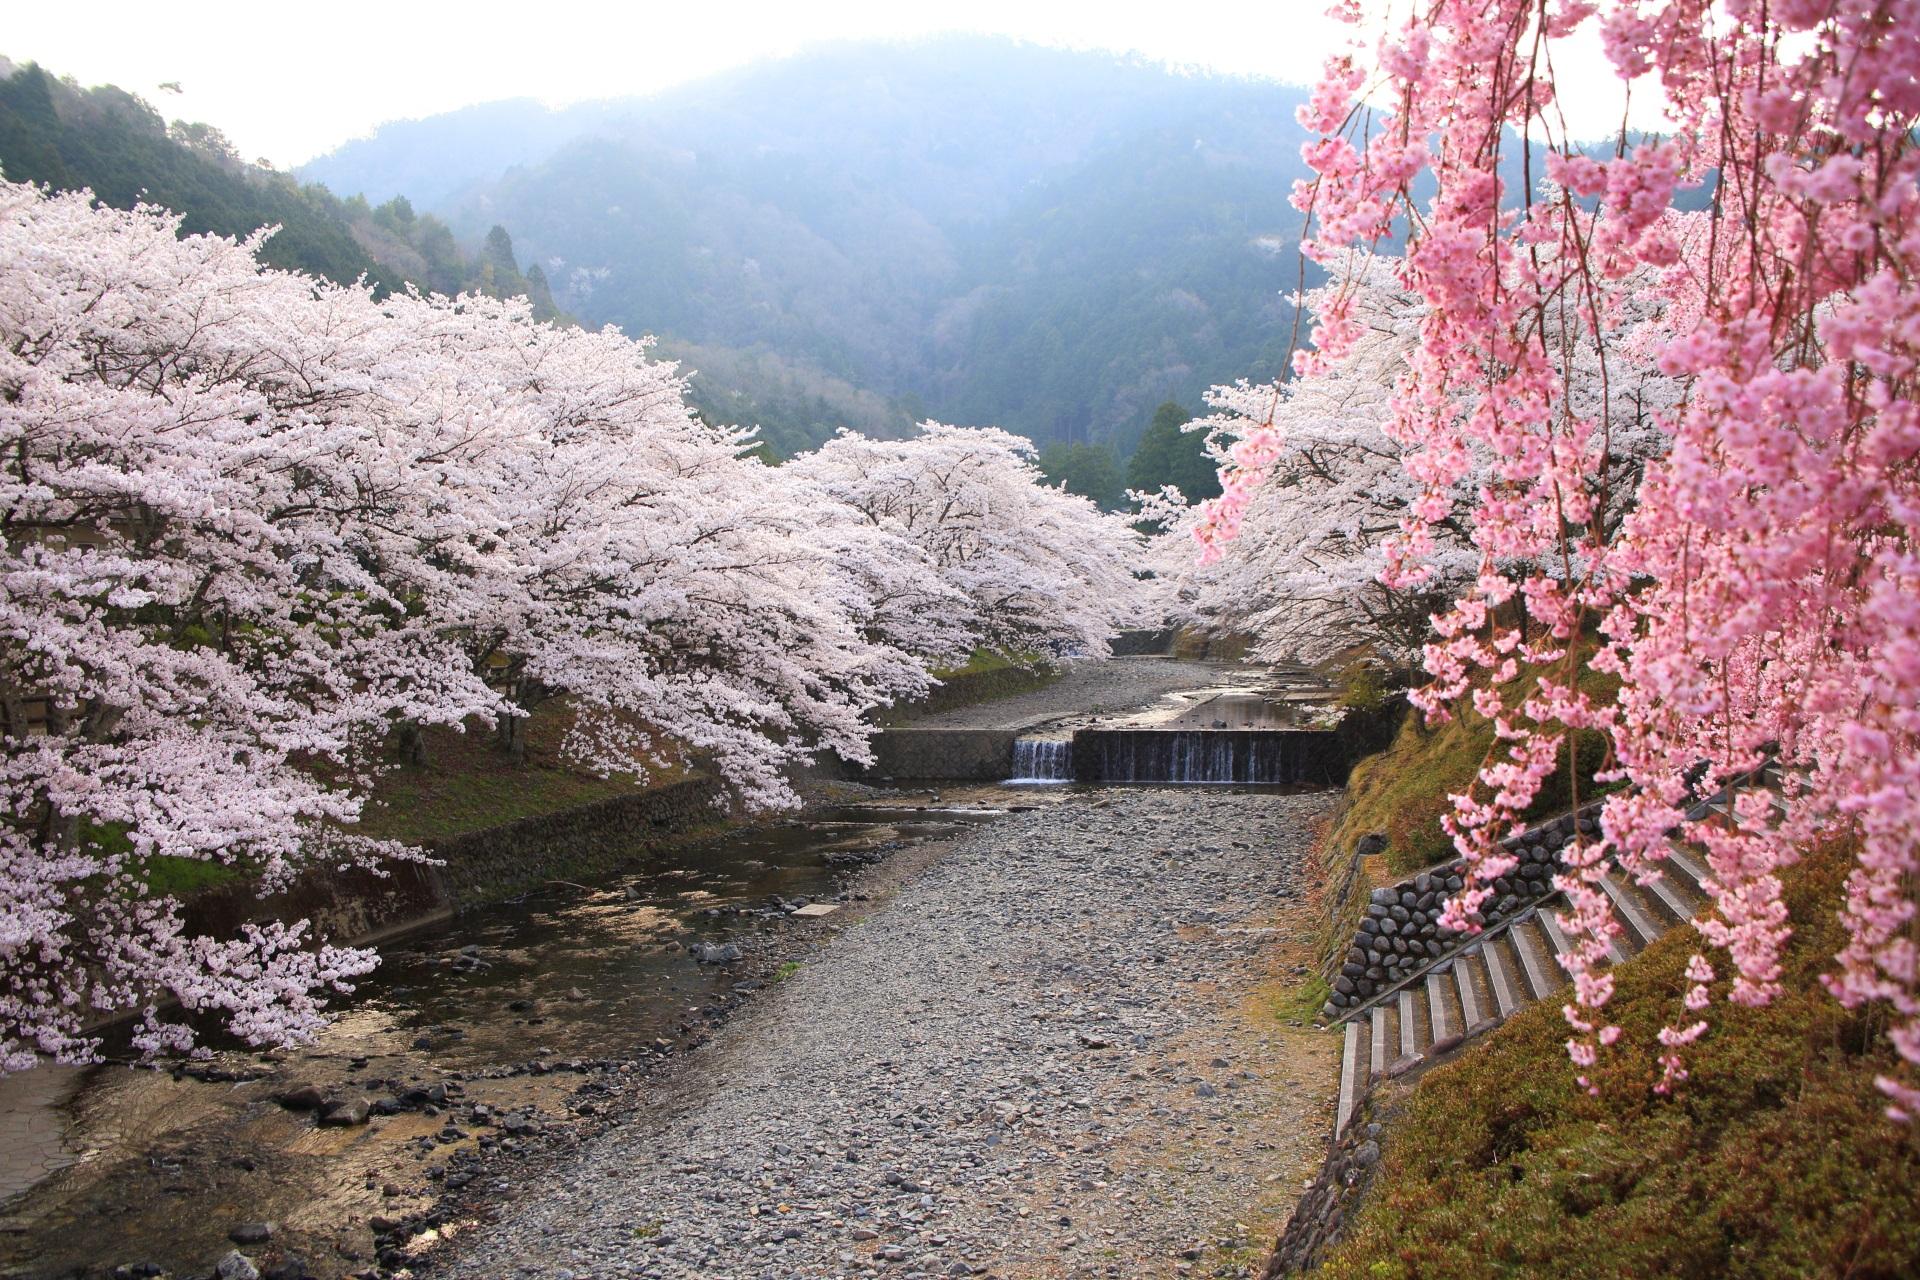 七谷川の橋から眺めた川面を覆う桜